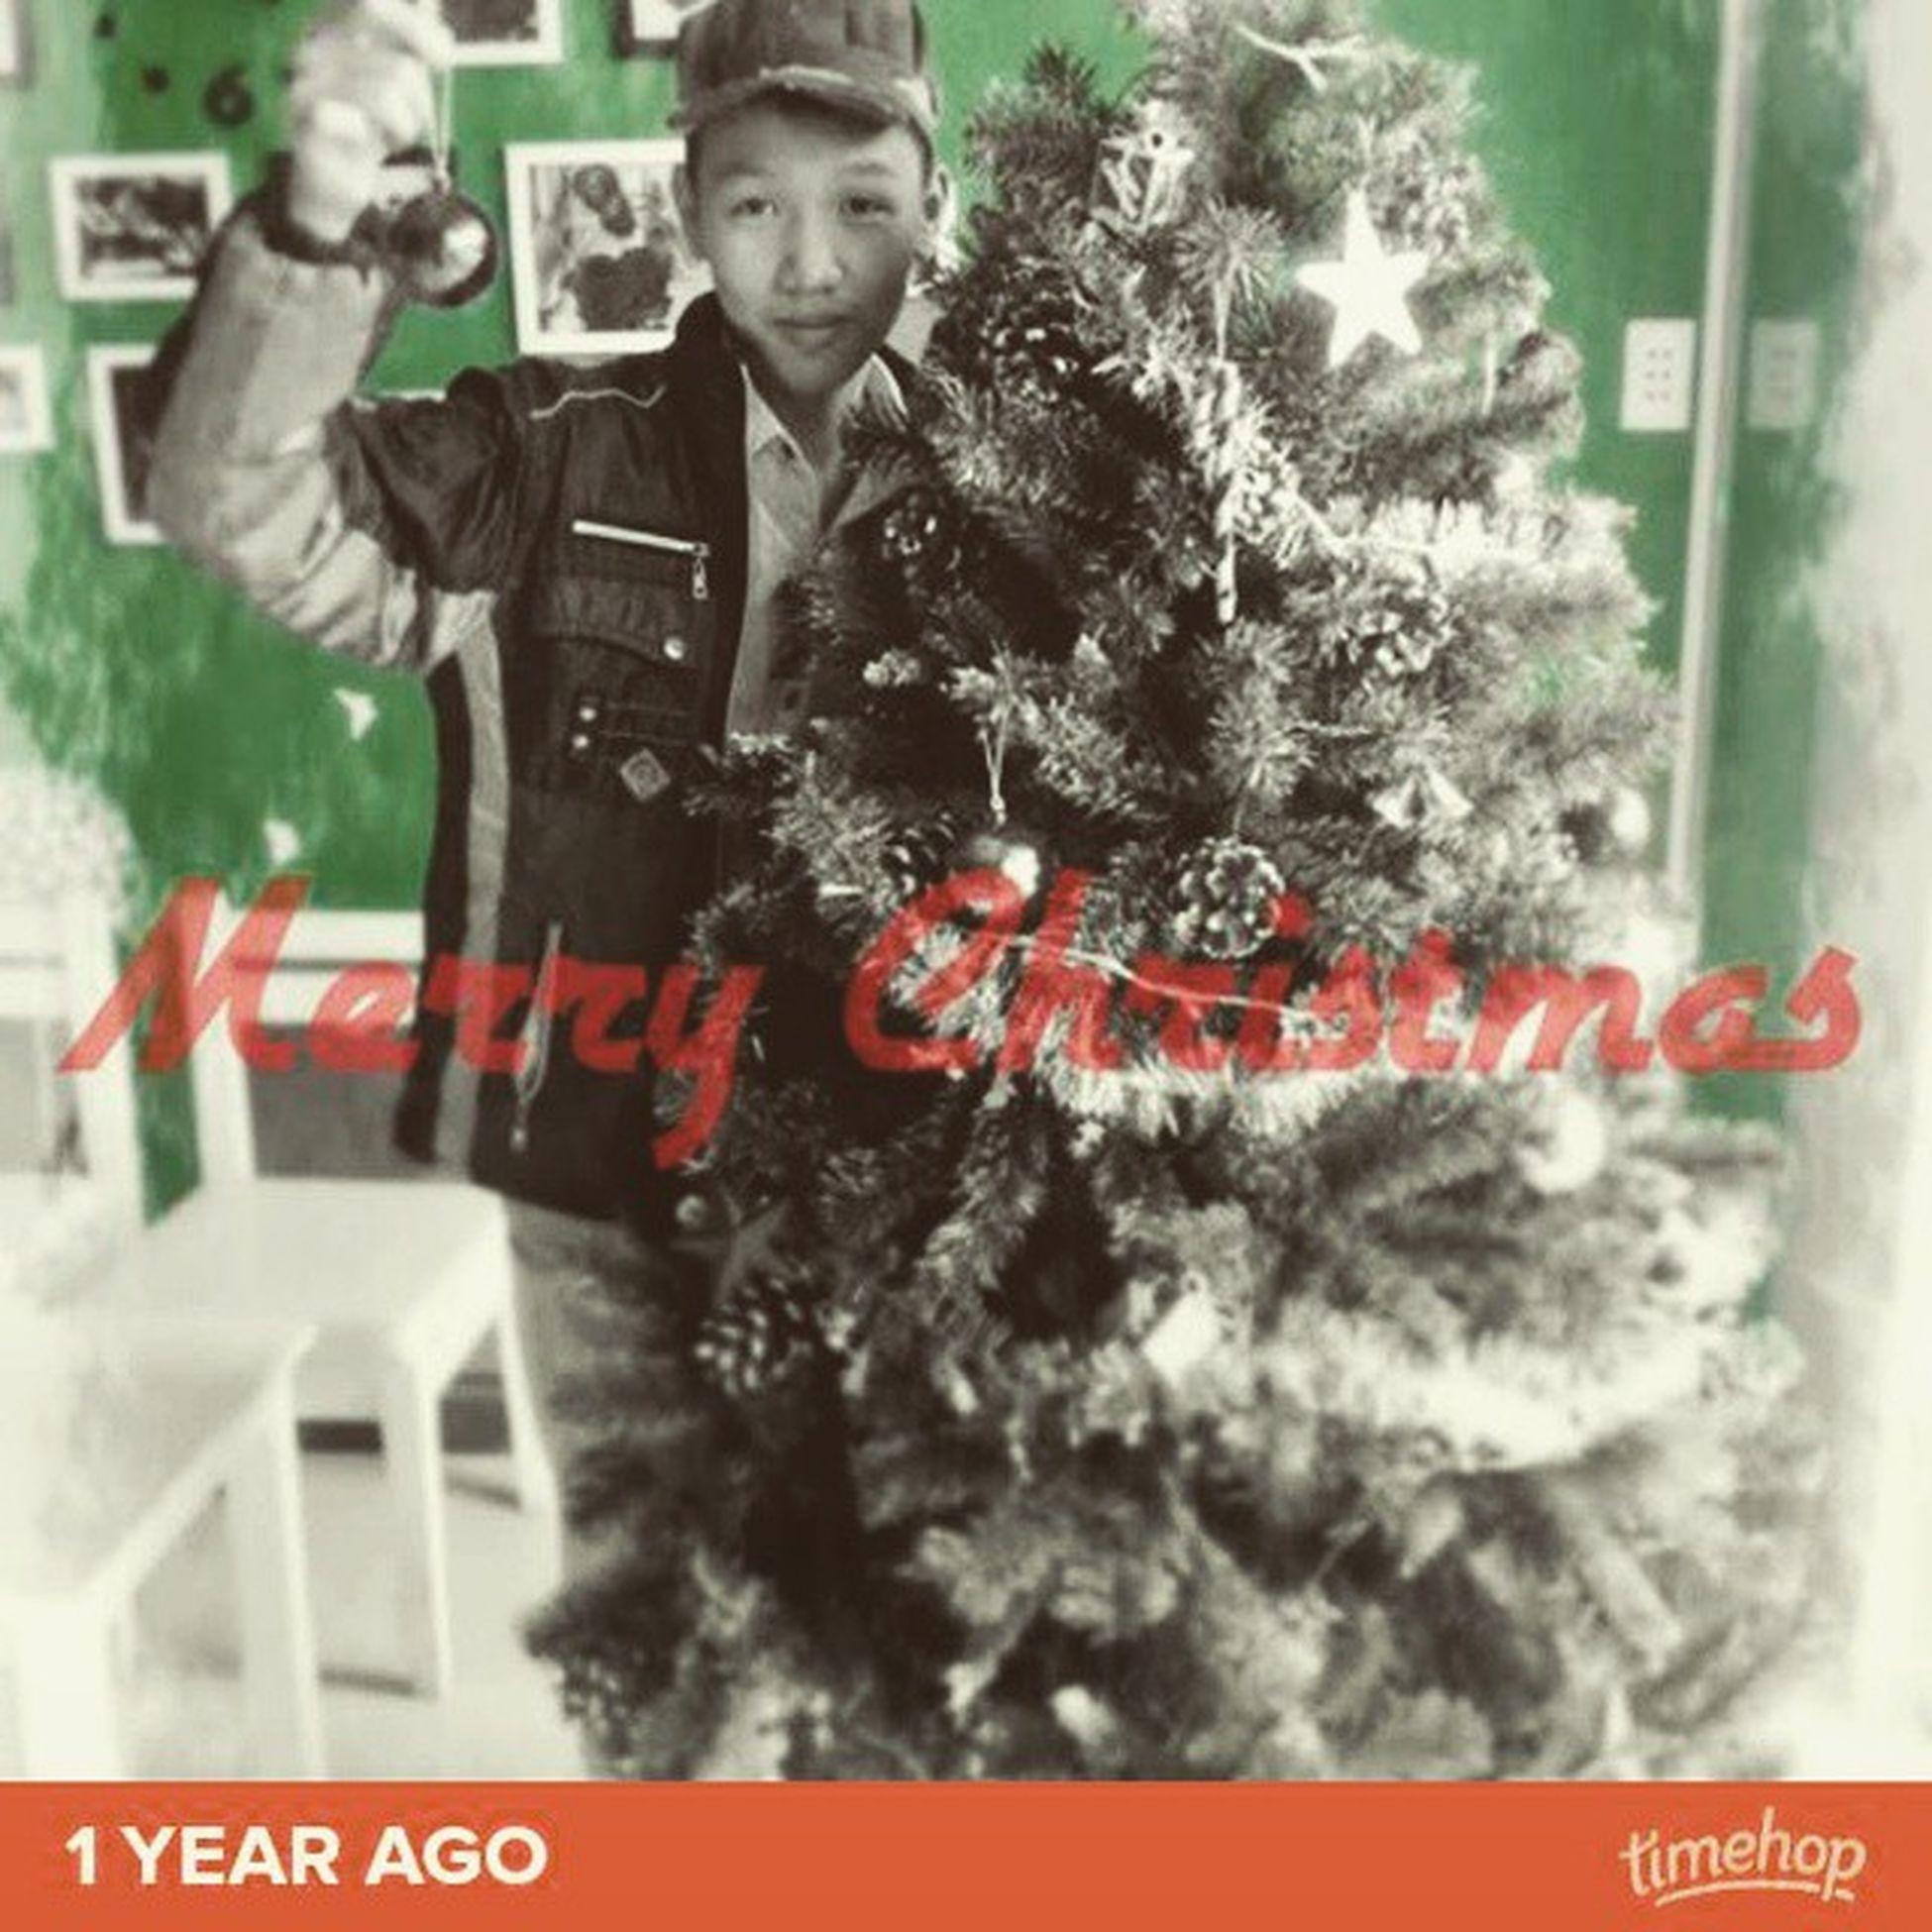 Last Christmas Feliznavidad Merrychrisrmas Xmas